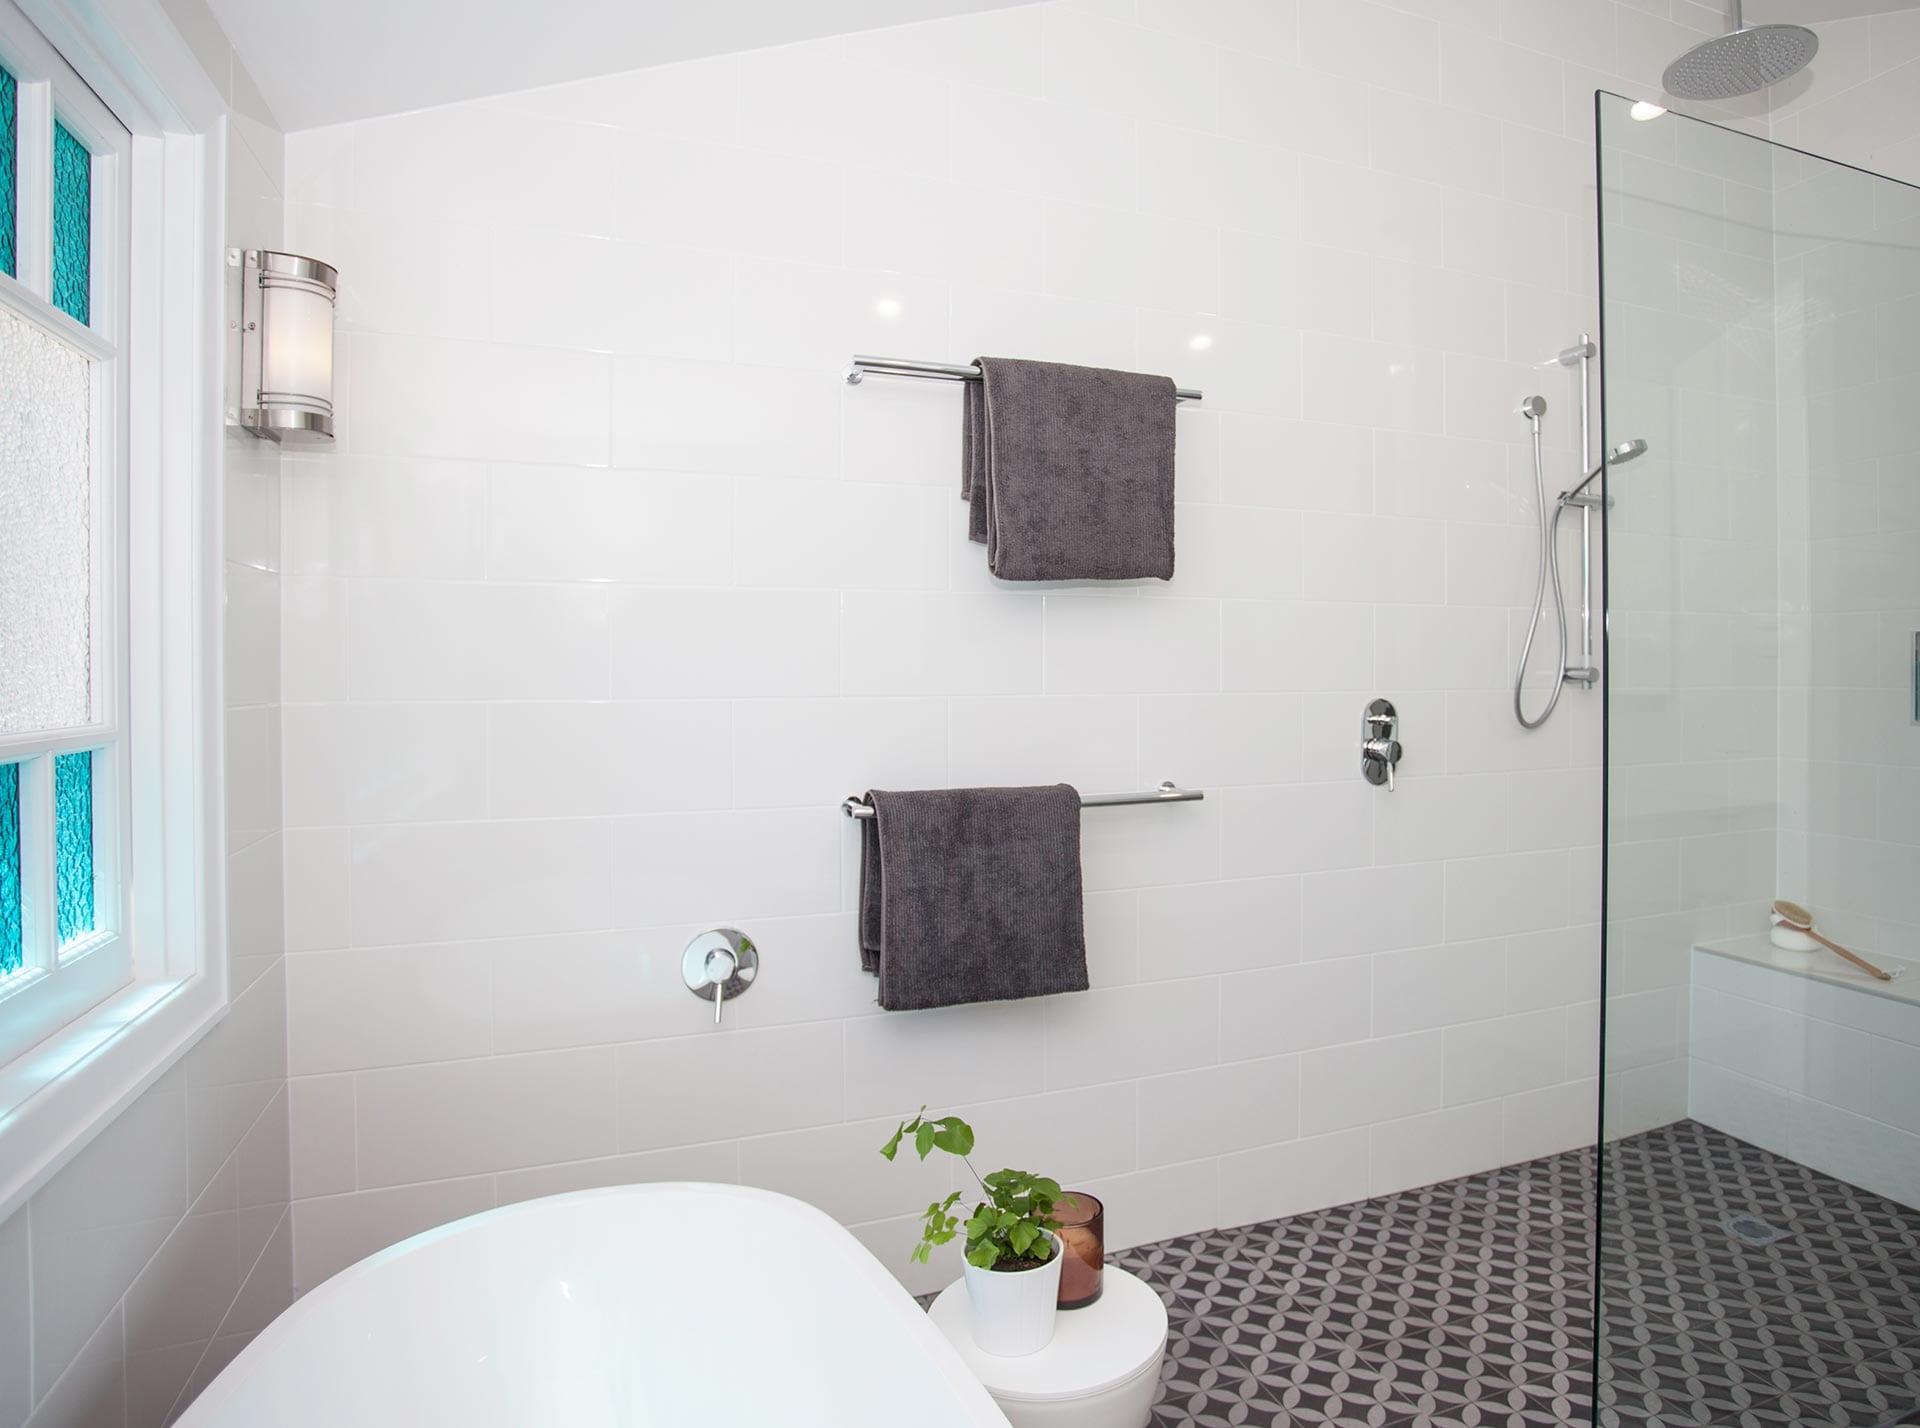 Hinton Street bathroom